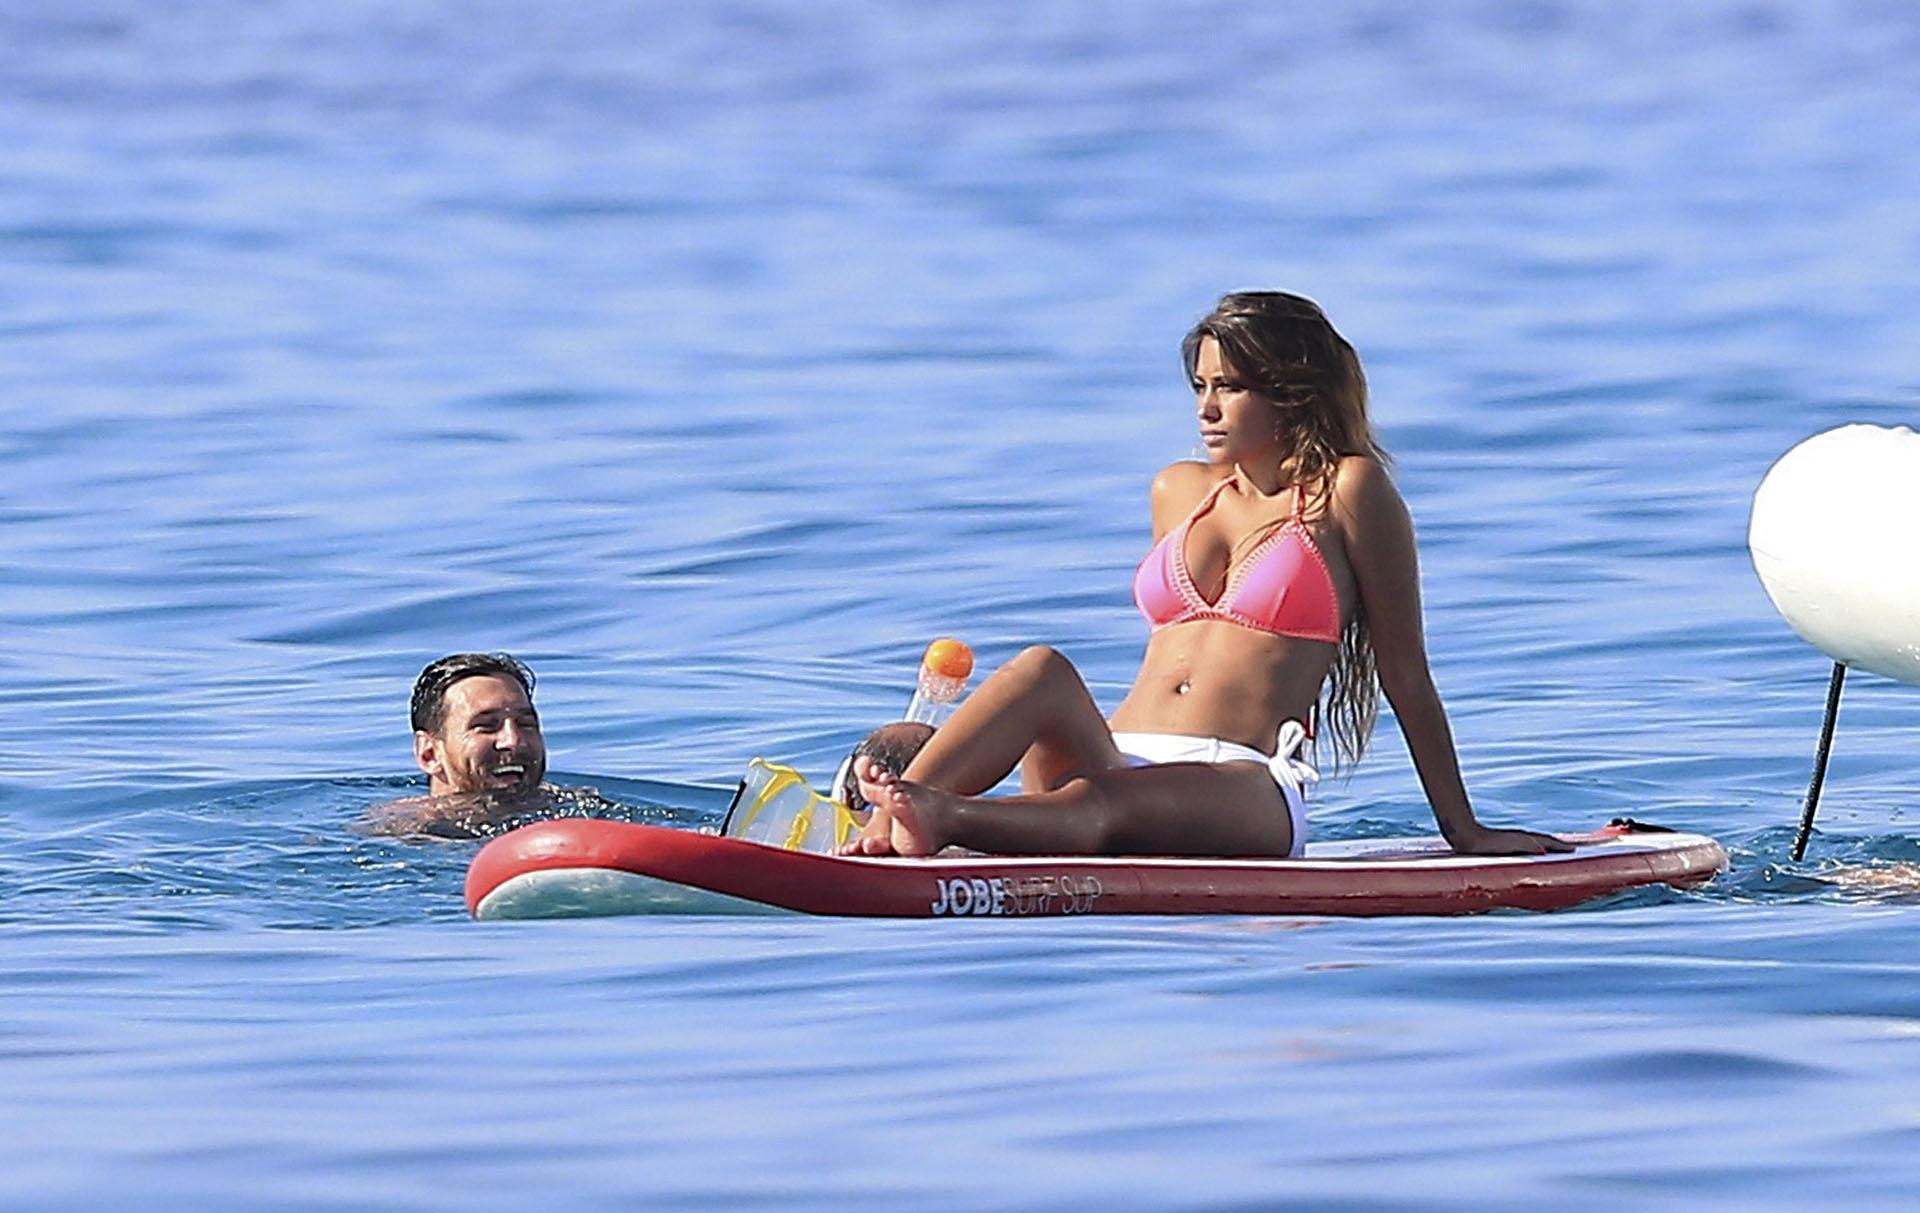 El mar de Ibiza es uno de los destinos favoritos de los Messi. Allí se aseguran cierta privacidad de los paparazzis y descanso. En julio de 2016, una vez más fue el destino elegido por el astro y su esposa.